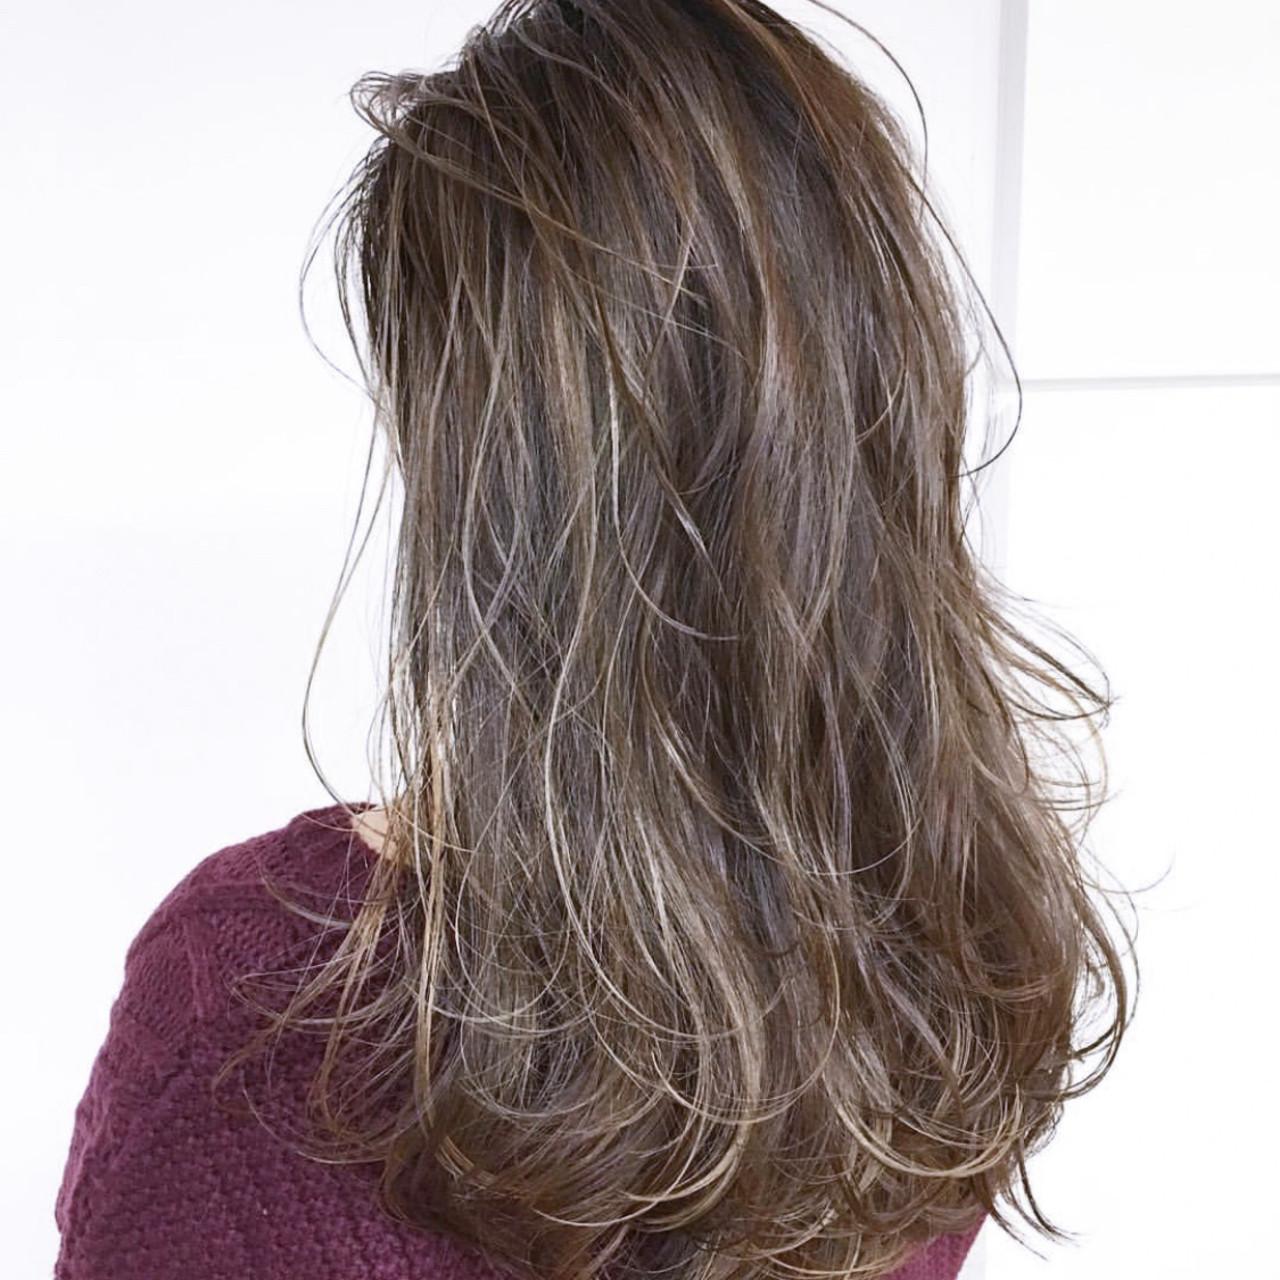 コントラストハイライト バレイヤージュ アッシュグレージュ ミディアムレイヤーヘアスタイルや髪型の写真・画像